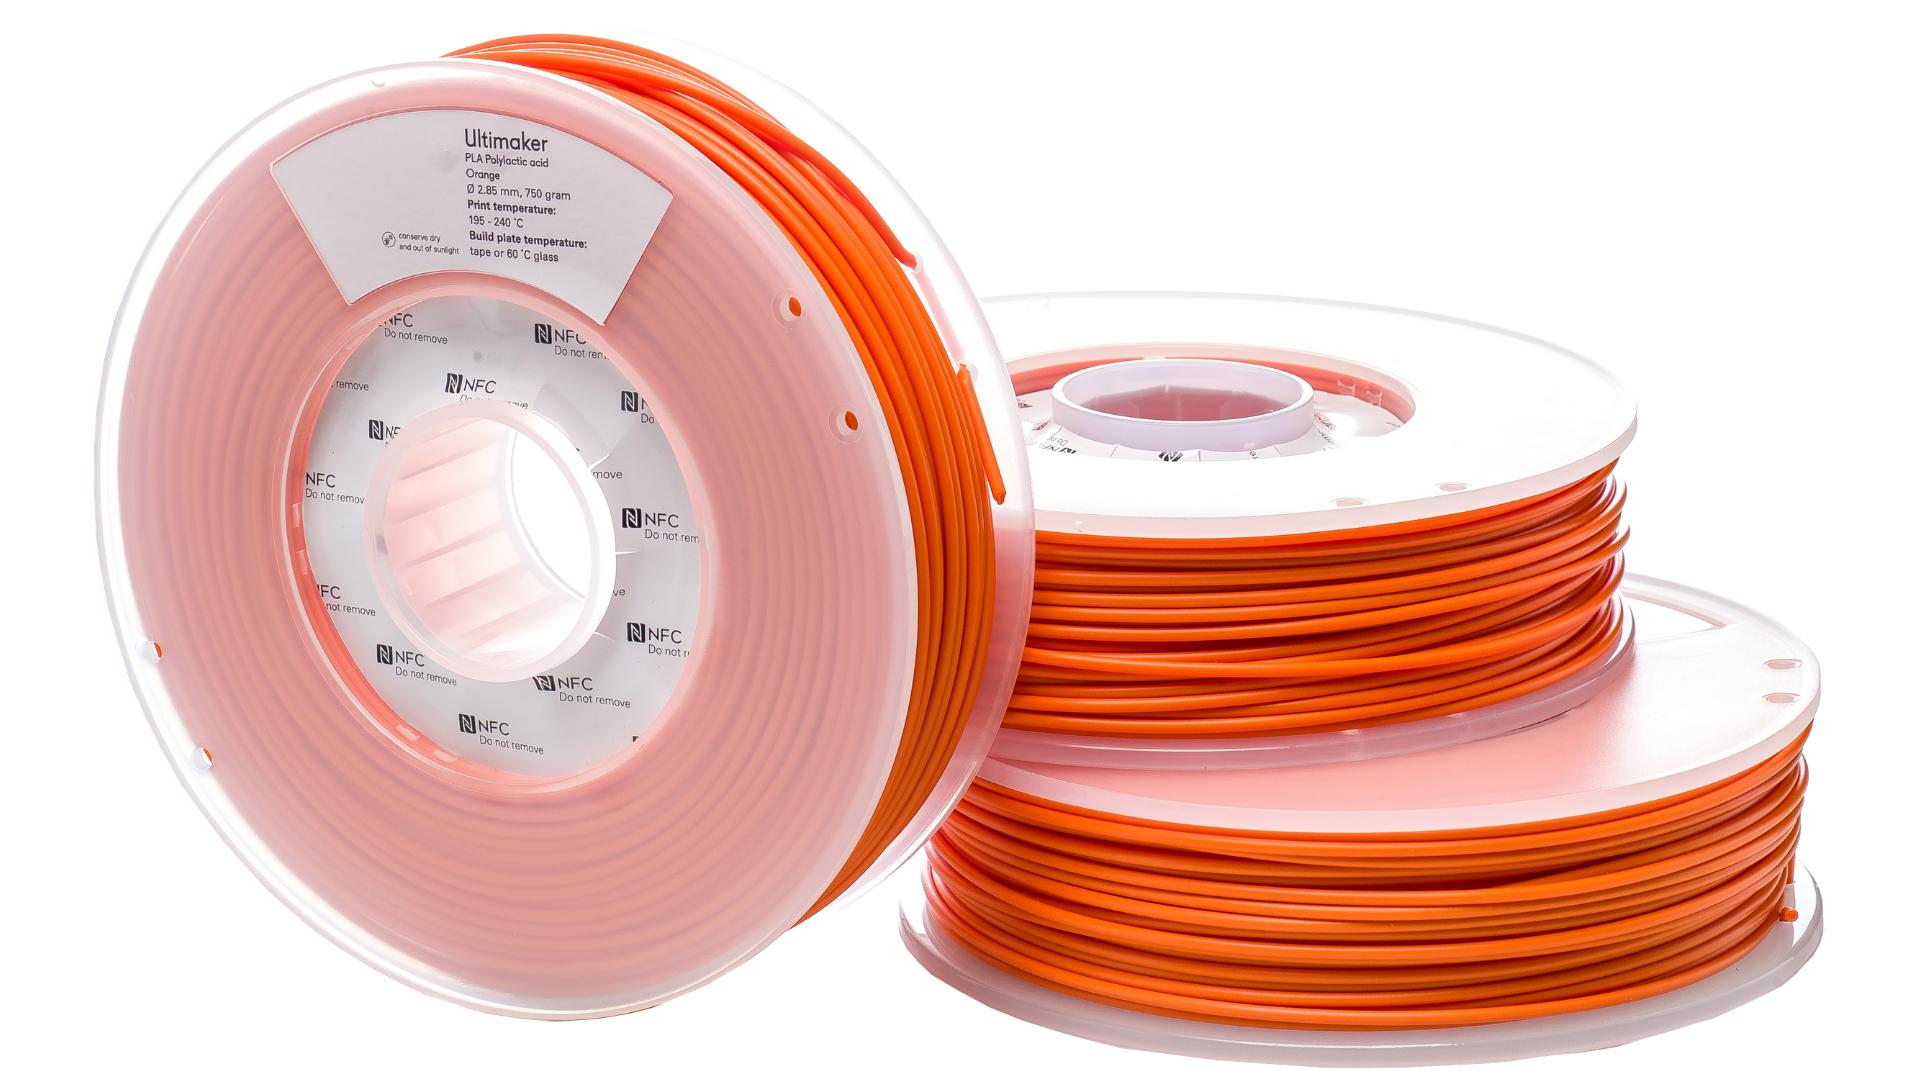 impressao 3d filamento